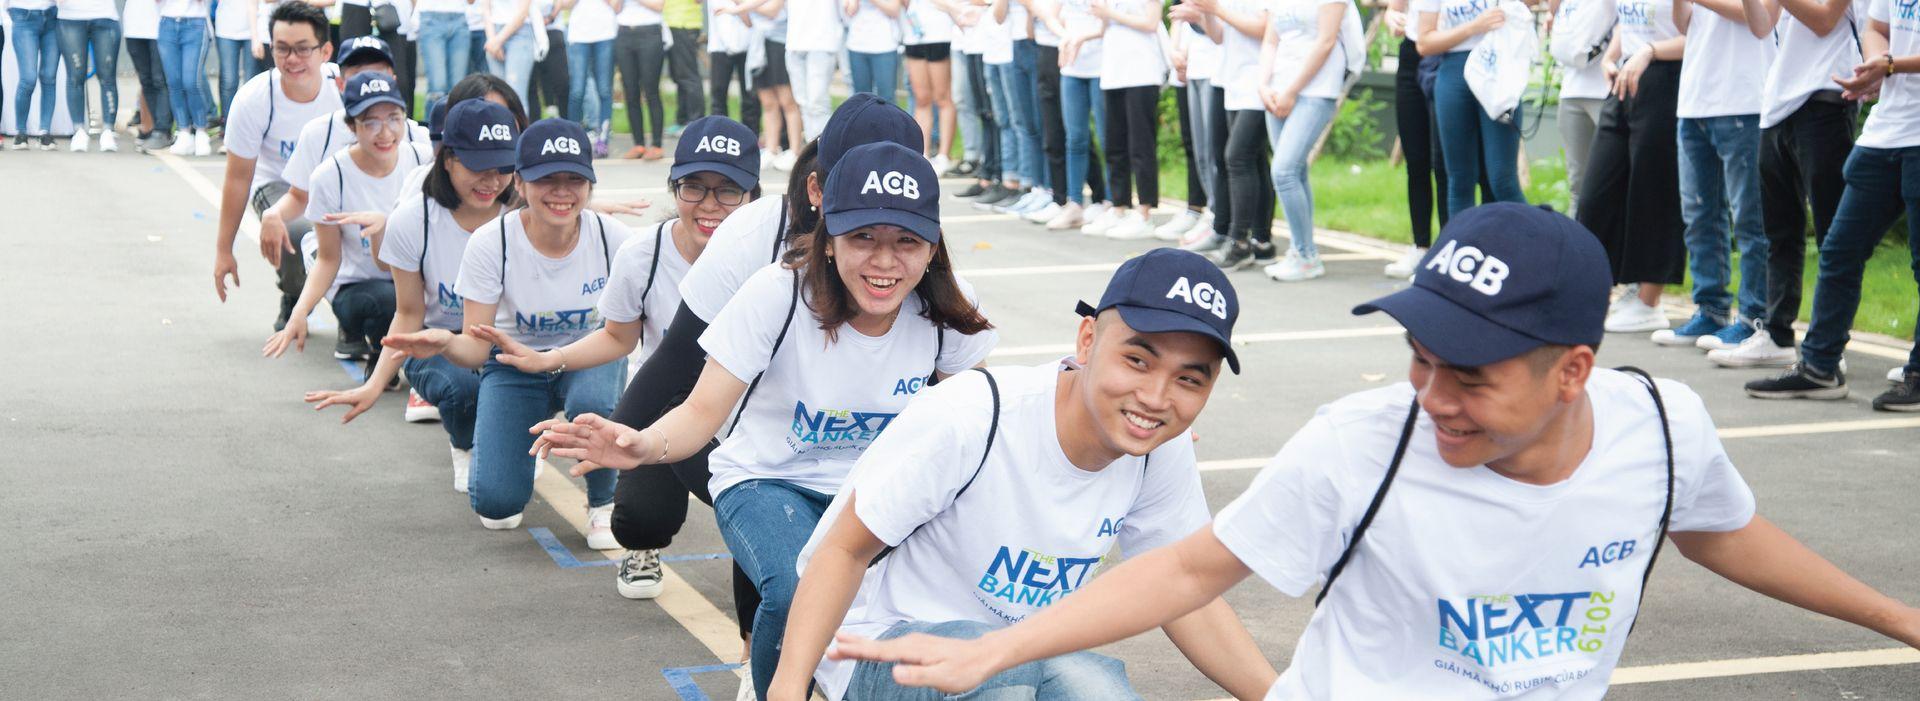 THE NEXT BANKER 2019: GIẢI MÃ KHỐI RUBIK CỦA BẠN